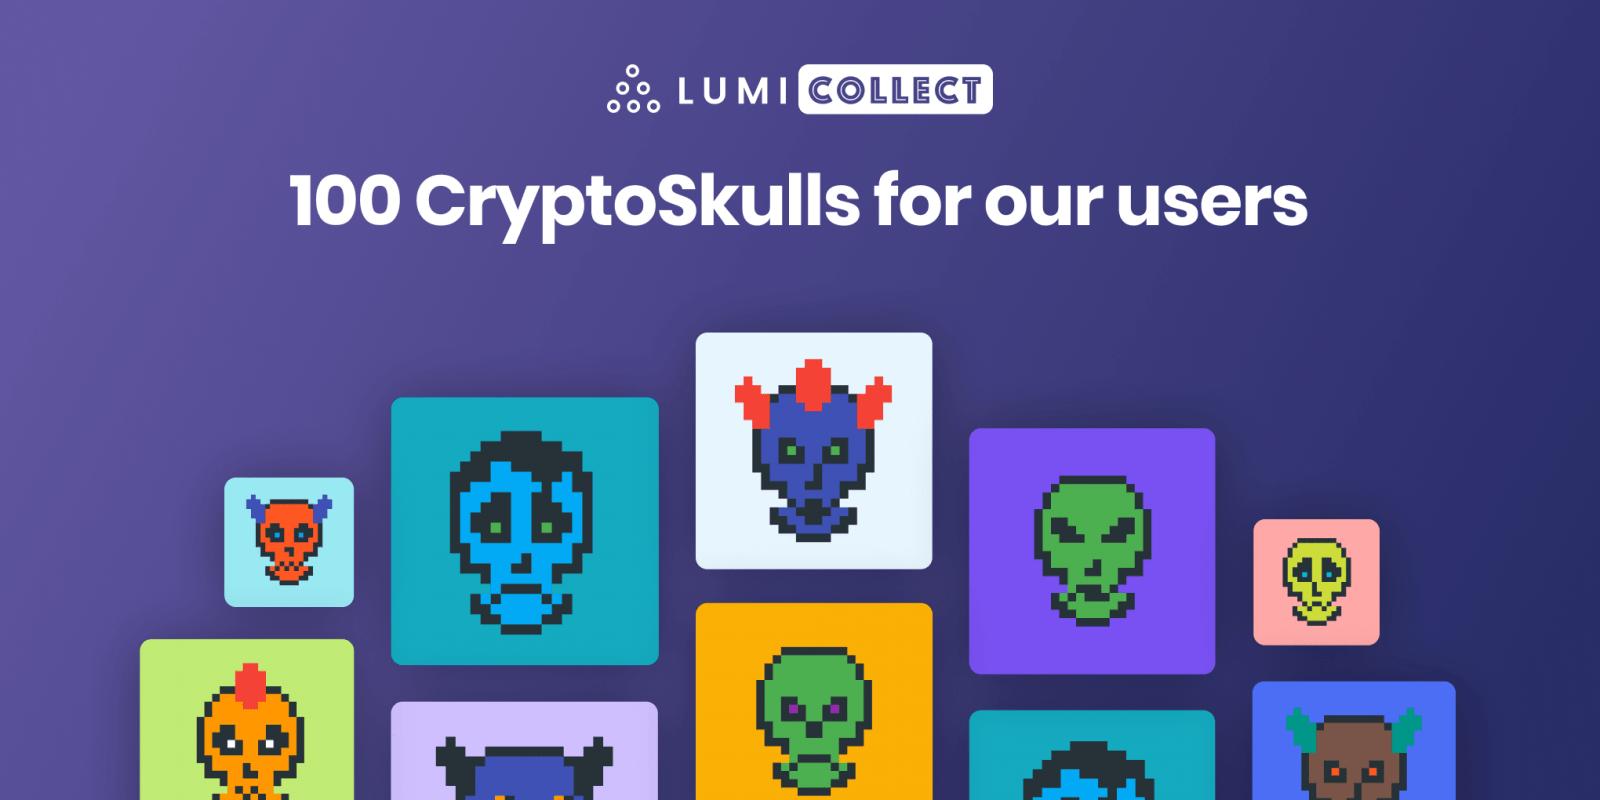 CryptoSkulls crypto art in Lumi Collect